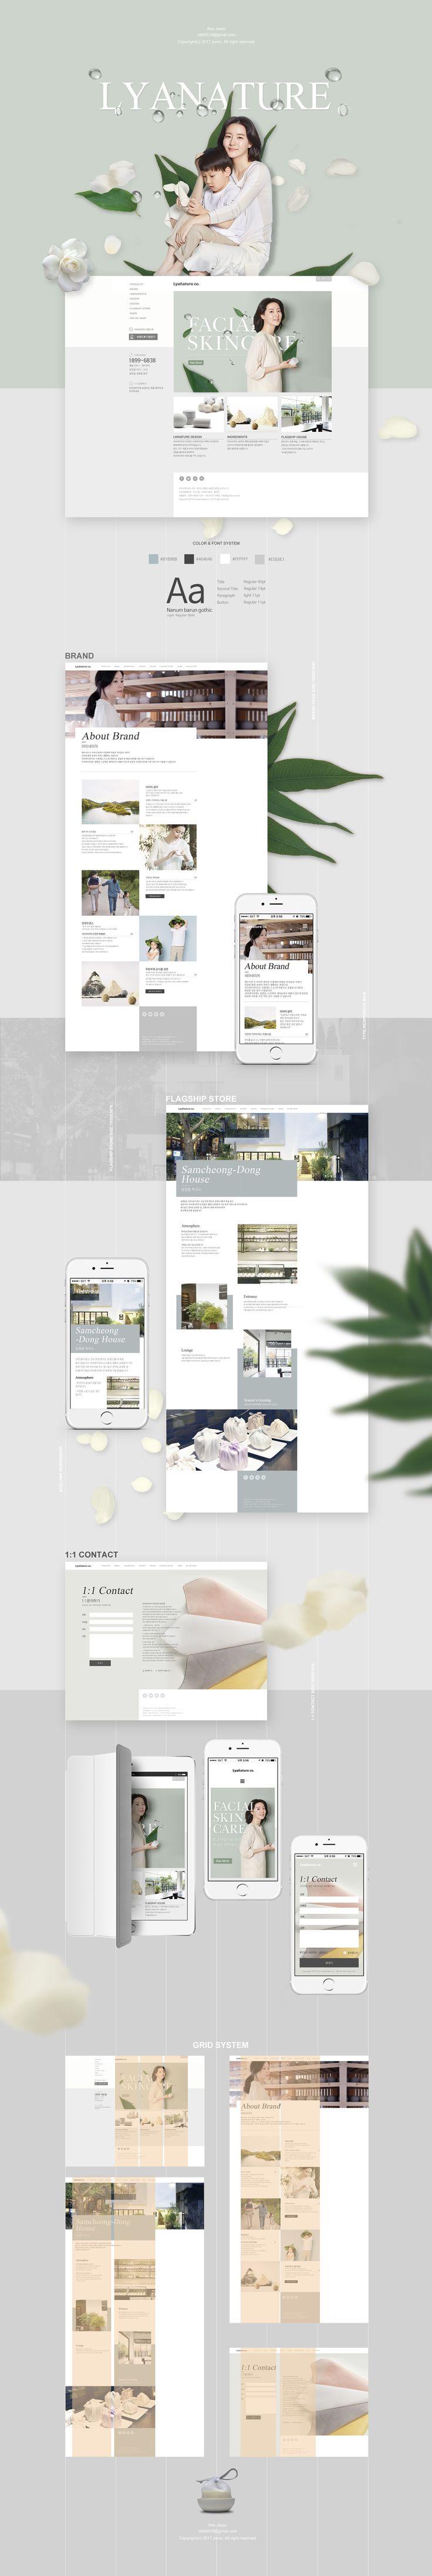 욱스웹디자인아카데미-Lyanature redesign - Design by Kim-jiwon